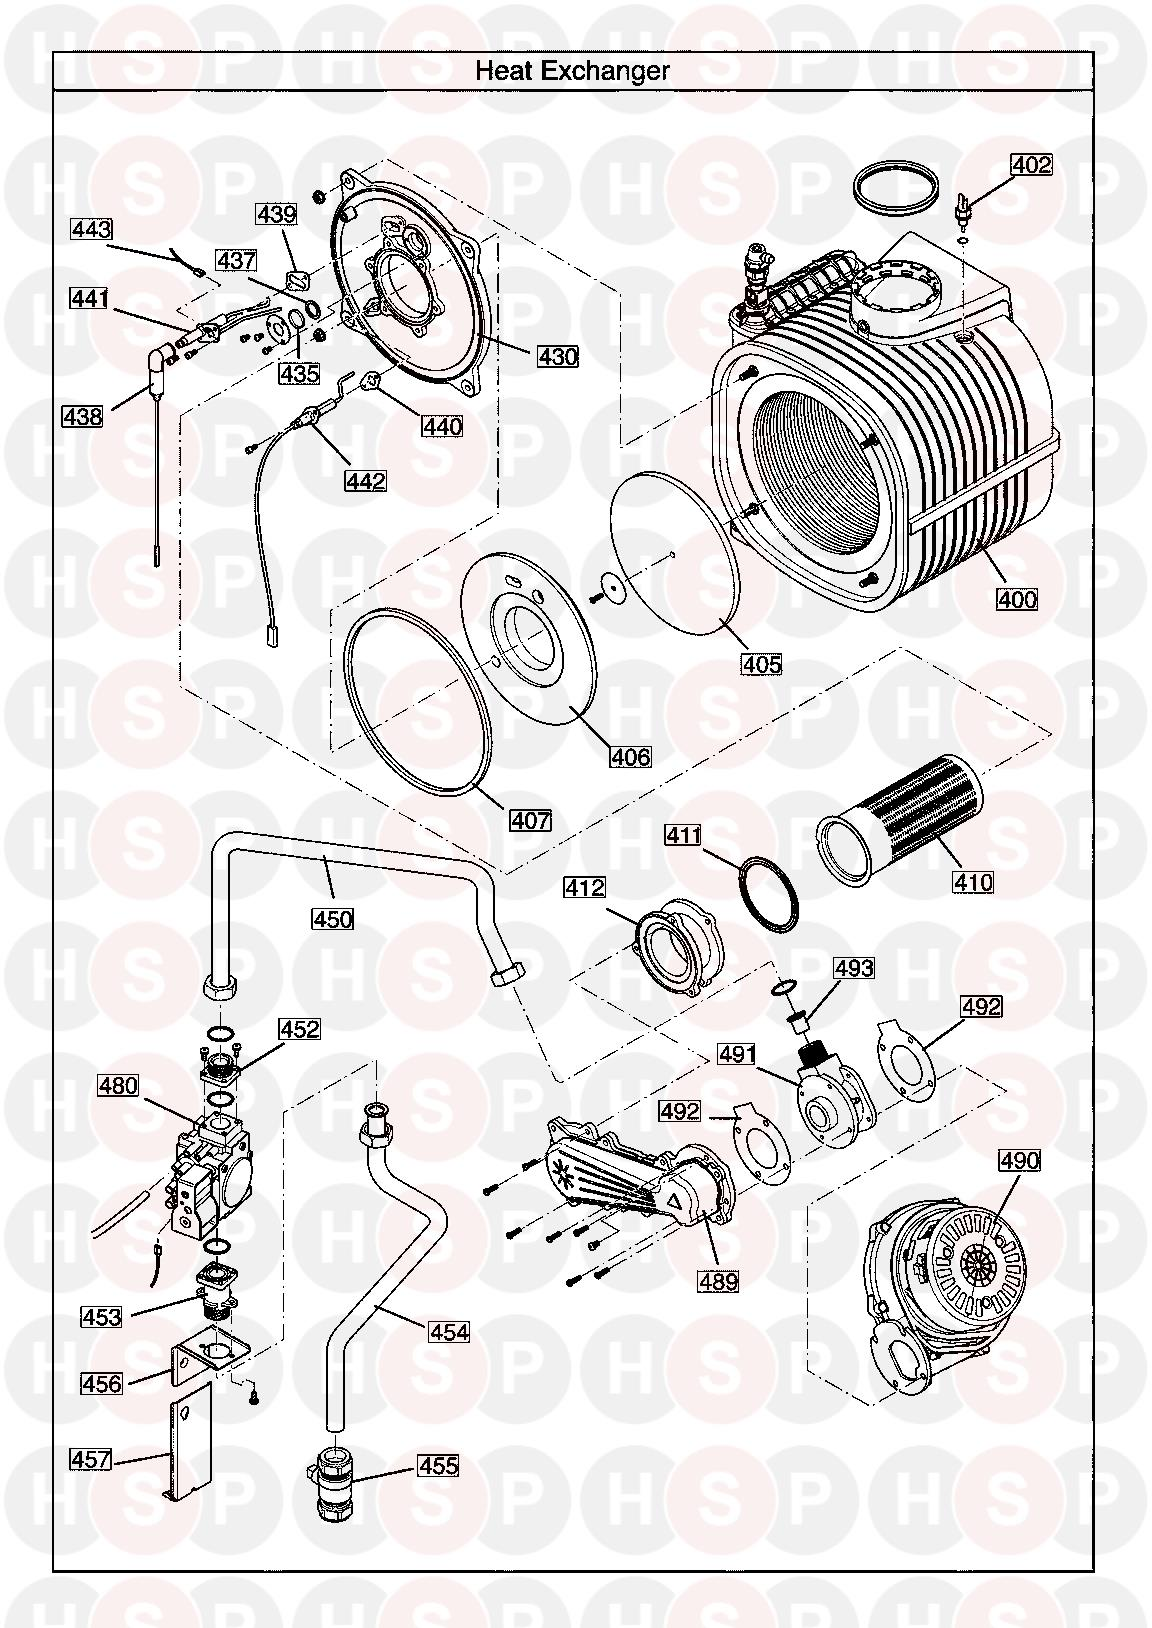 Potterton Promax He Store 90 Litre  Heat Exchanger Diagram